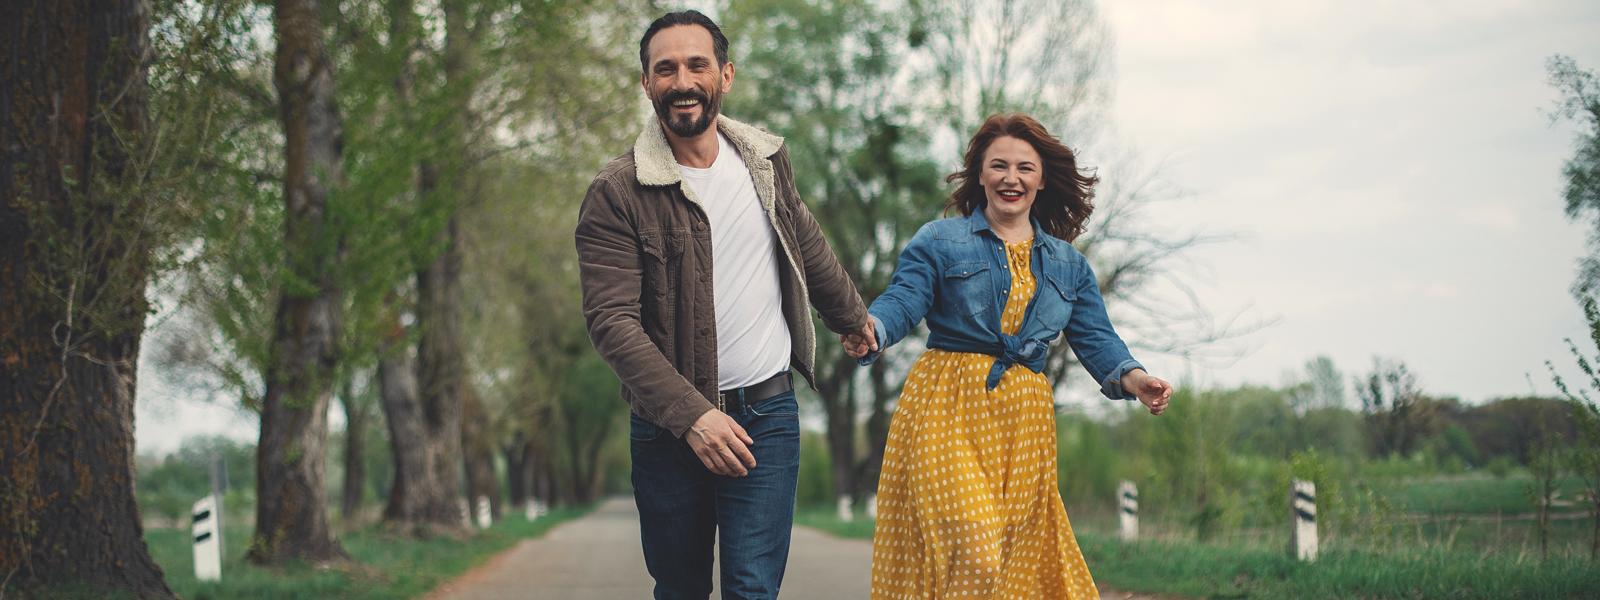 voordelen van dating een kortere man